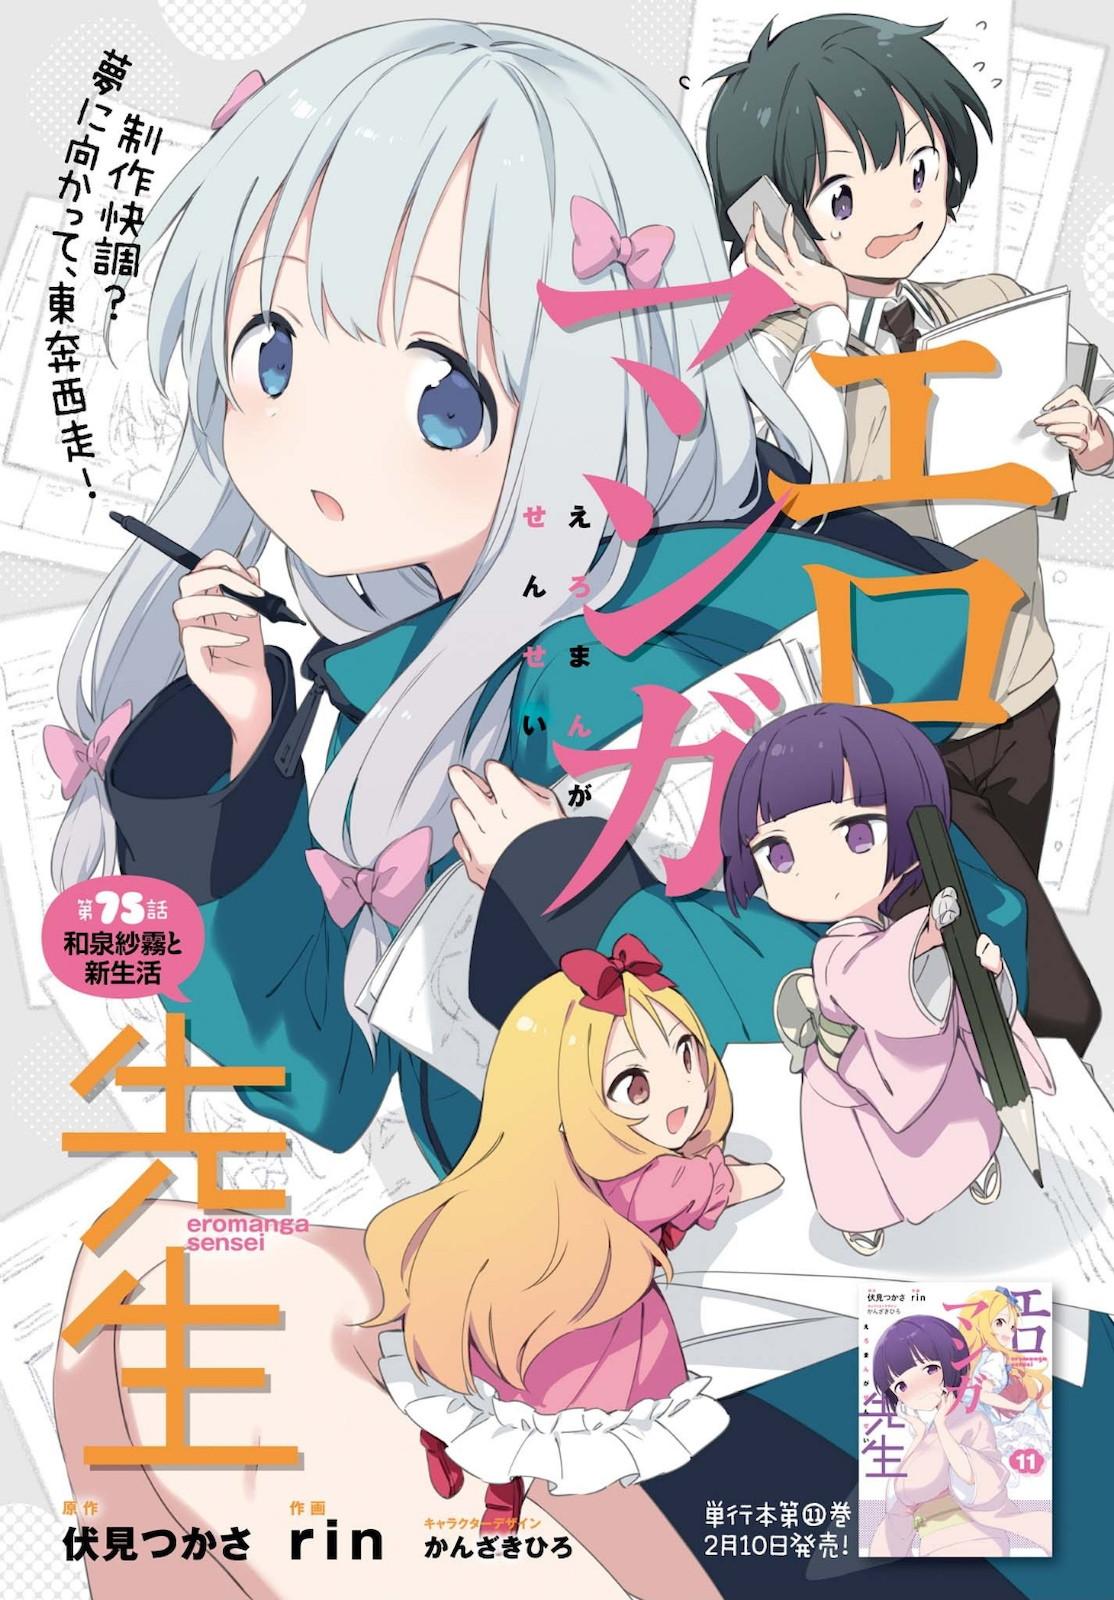 Ero Manga Sensei - Chapter 75 - Page 1